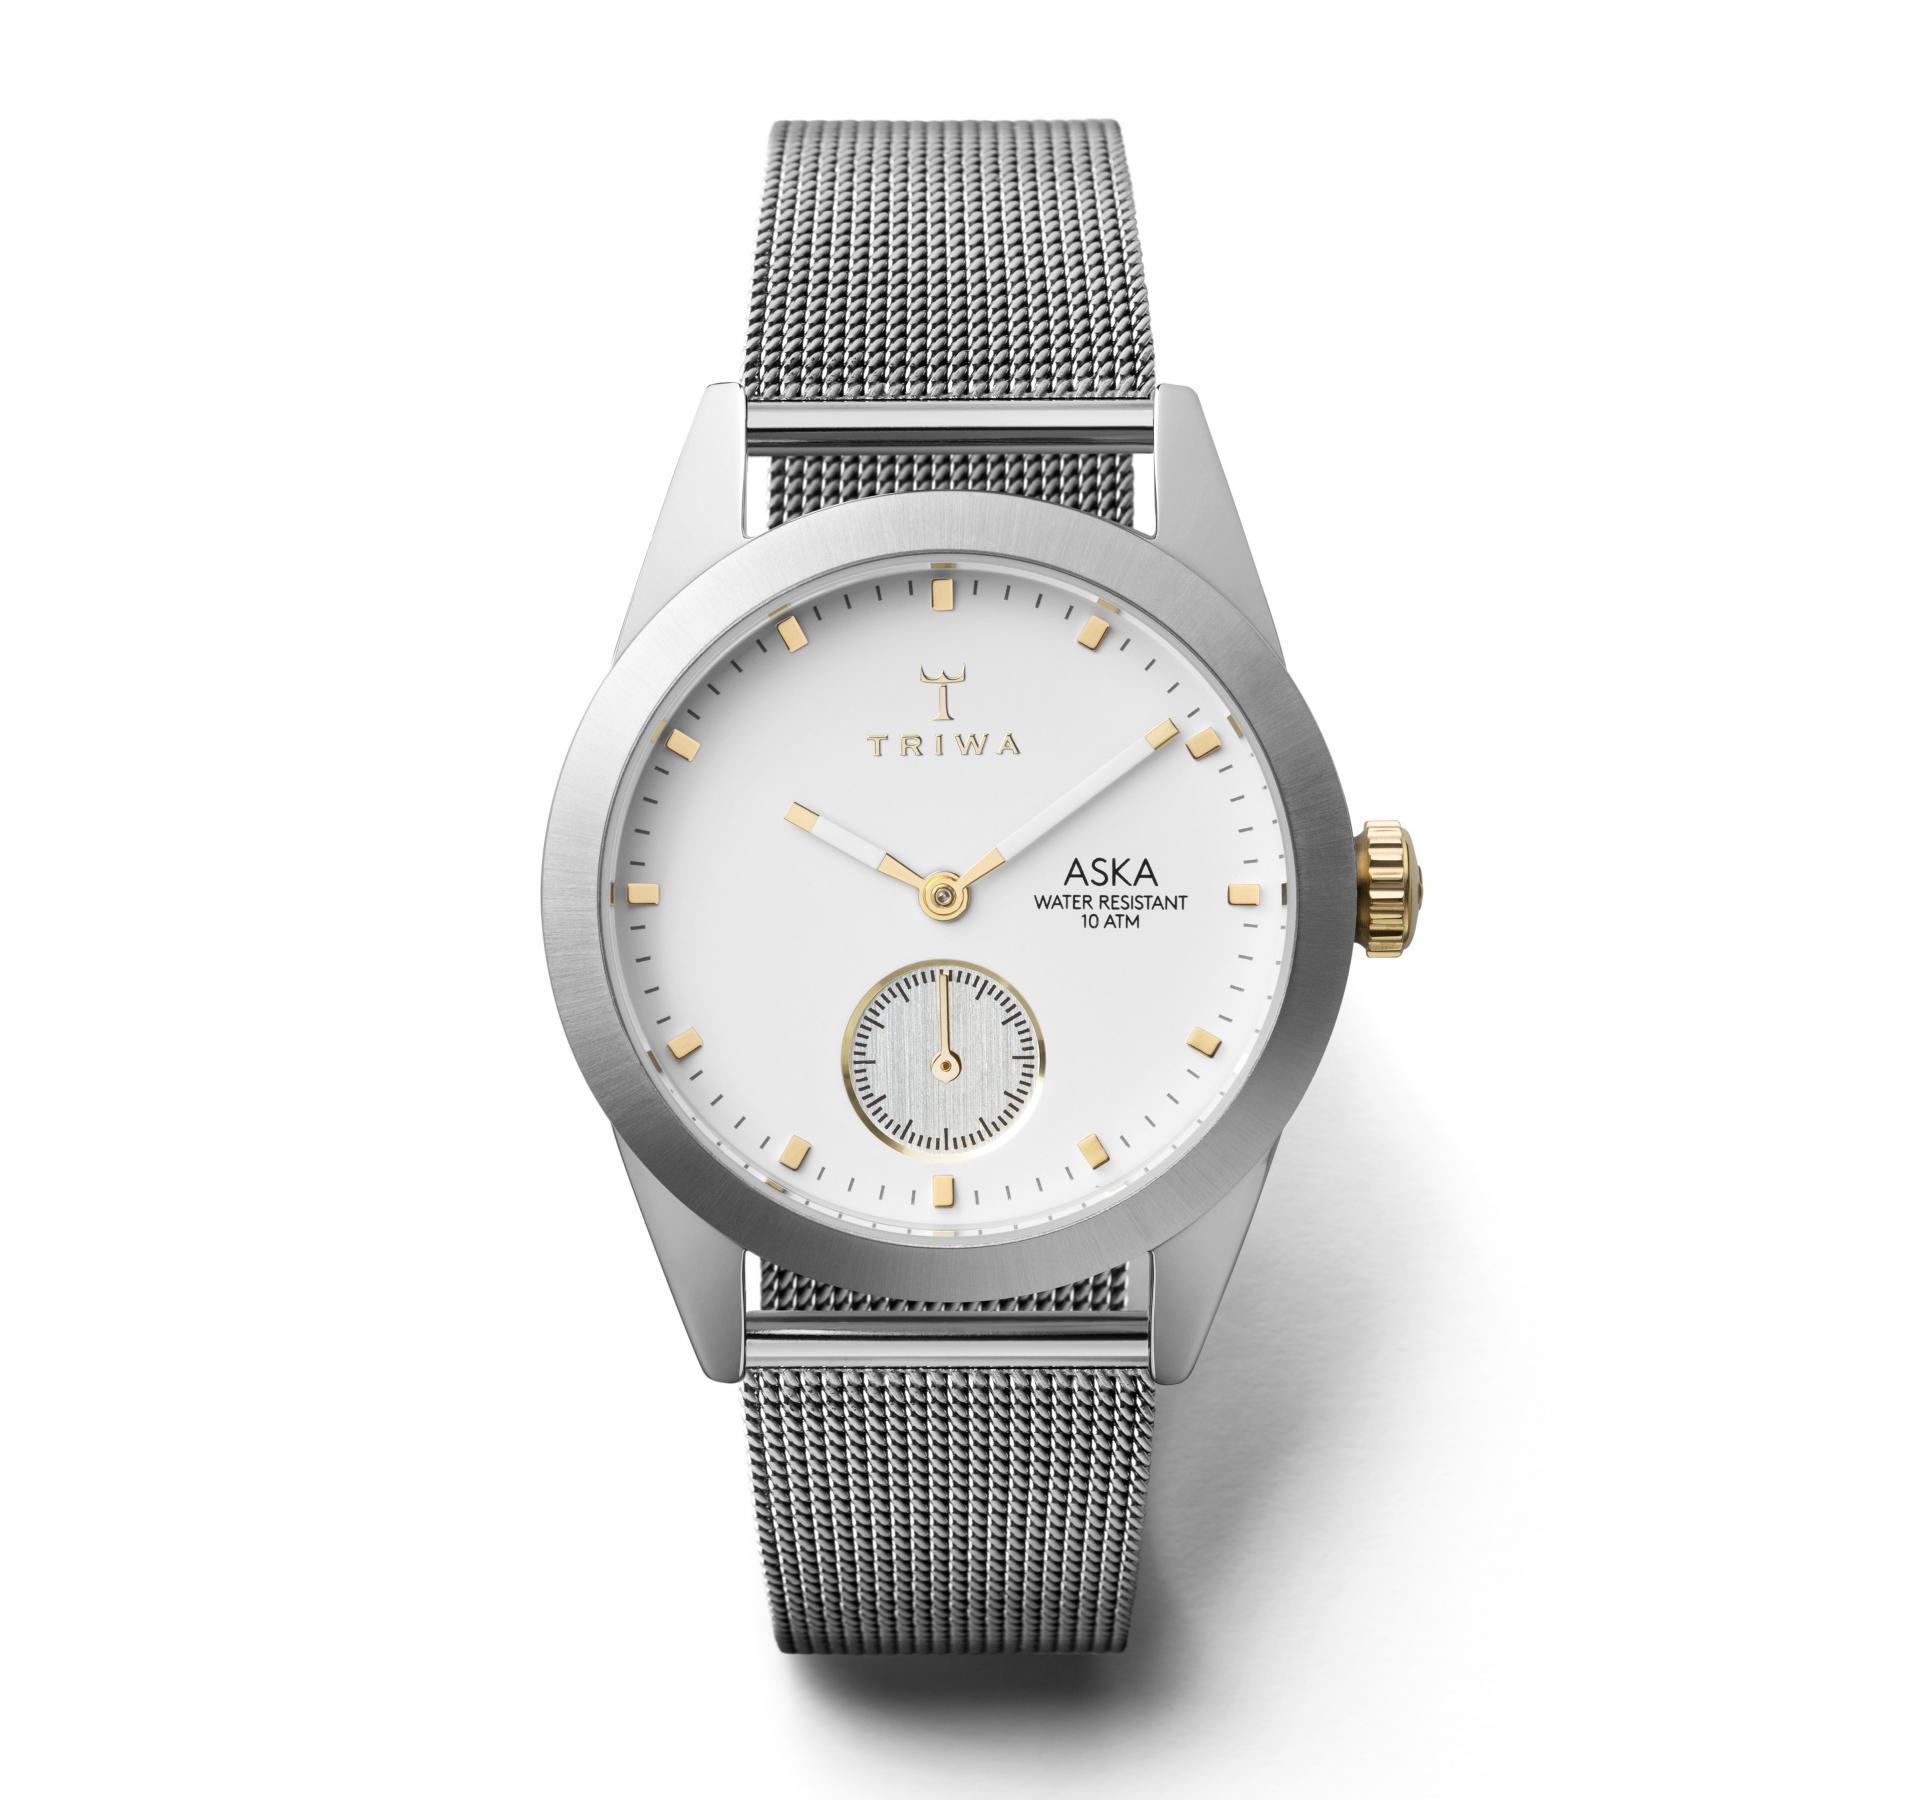 TRIWA Dámské hodinky Triwa - Snow Aska - Silver Mesh, stříbrná barva, sklo, kov